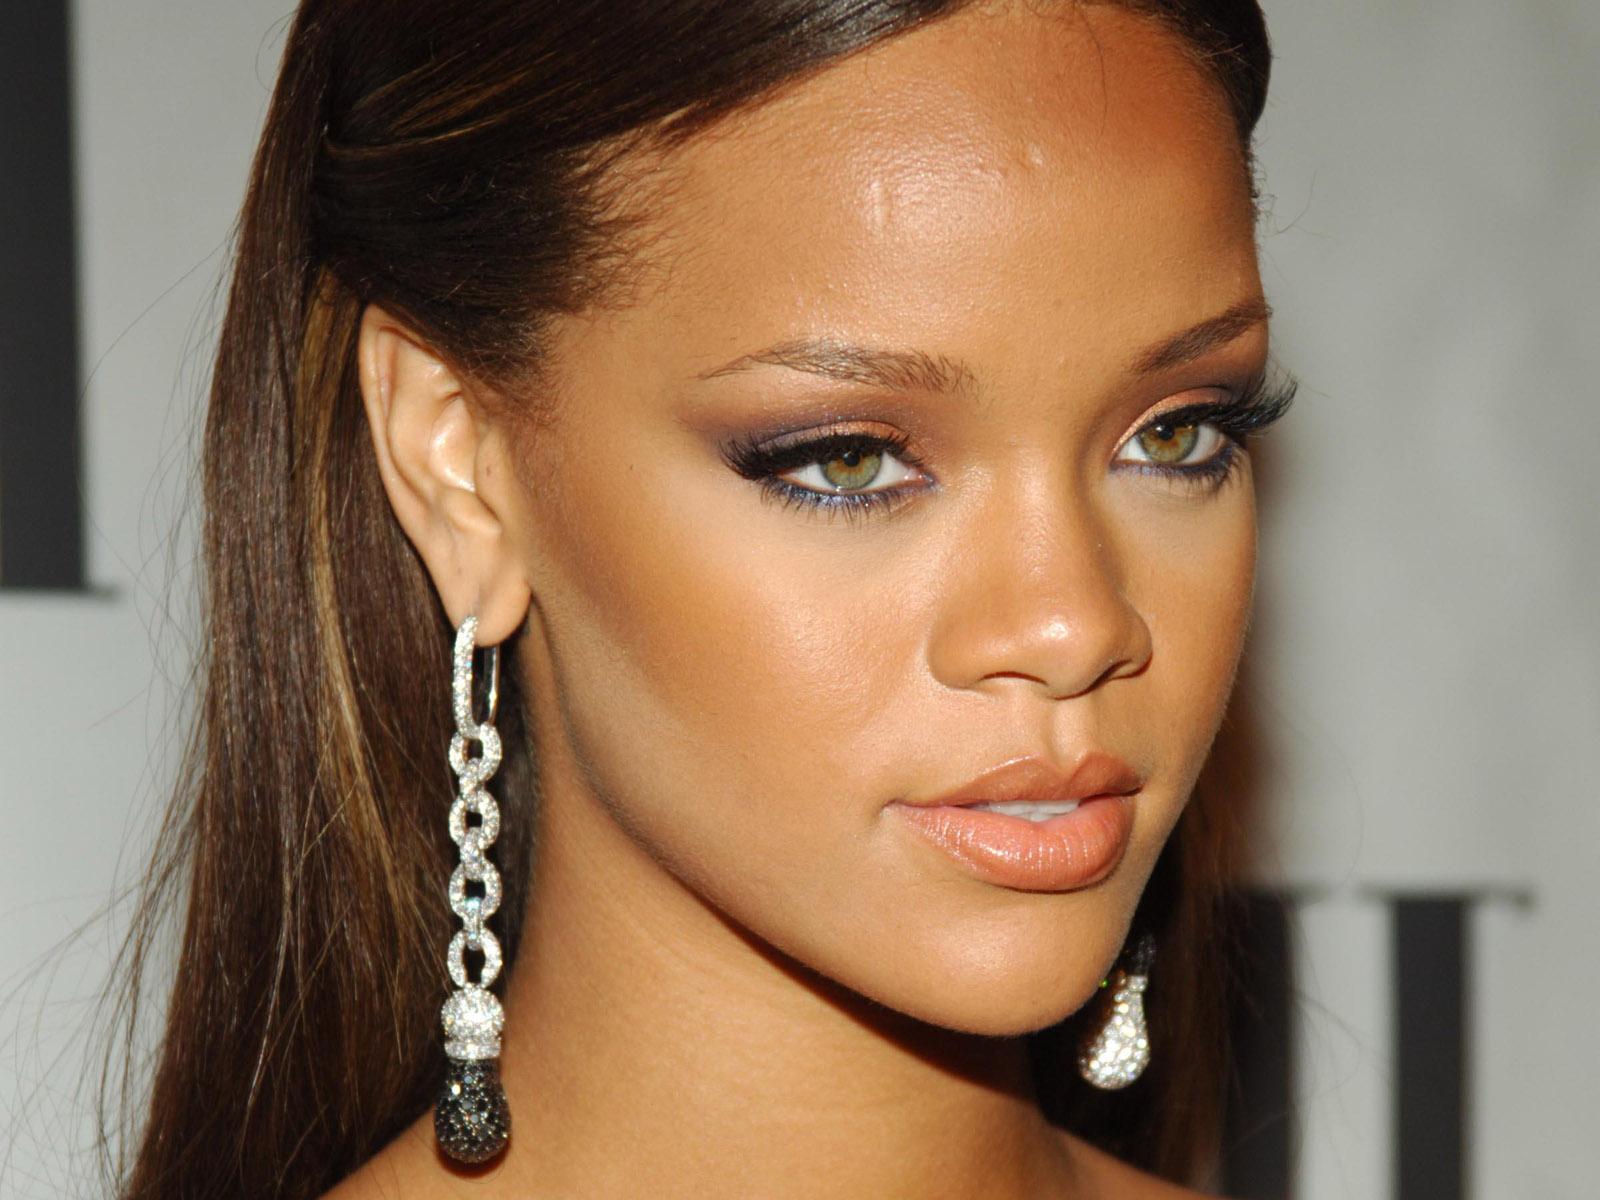 Mettre En Valeur: The Art of shaping Eyebrows.